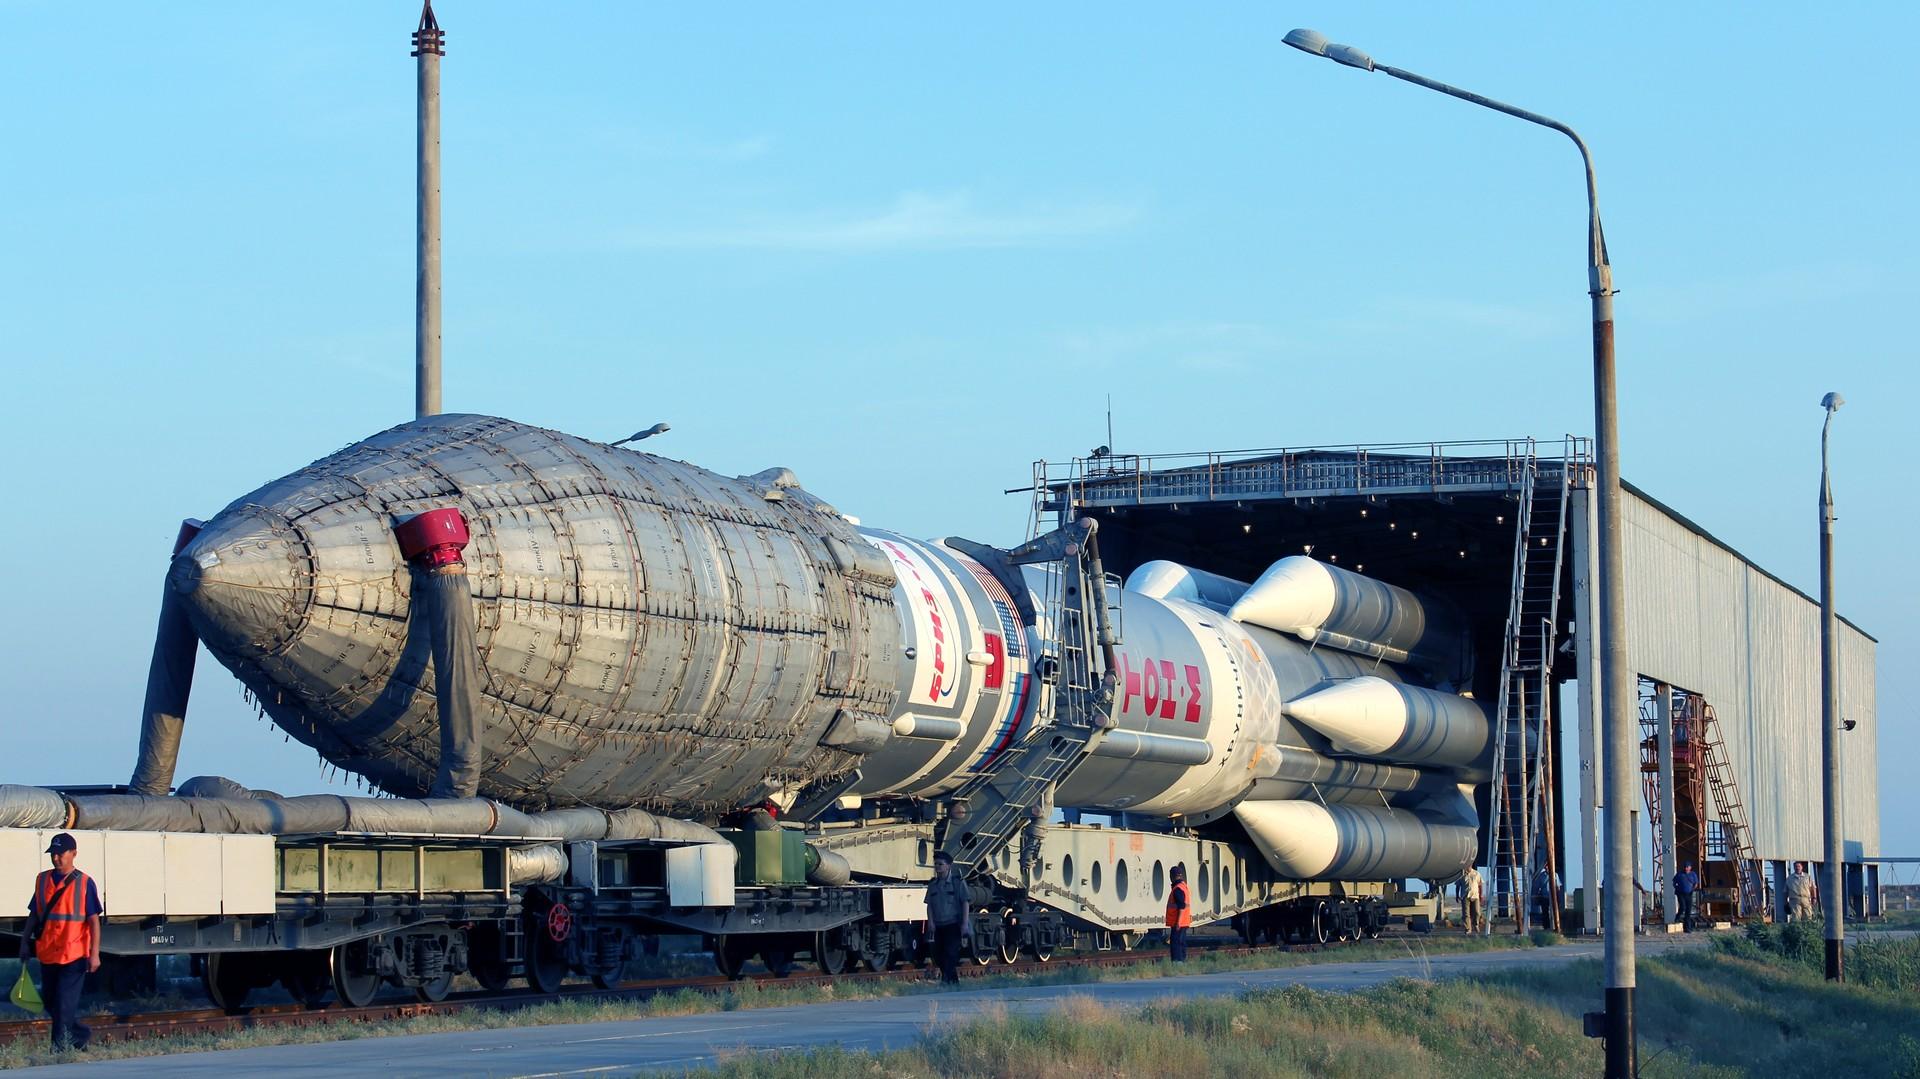 Roscosmos : la fusée Proton et son chargement se sont consumés dans l'atmosphère